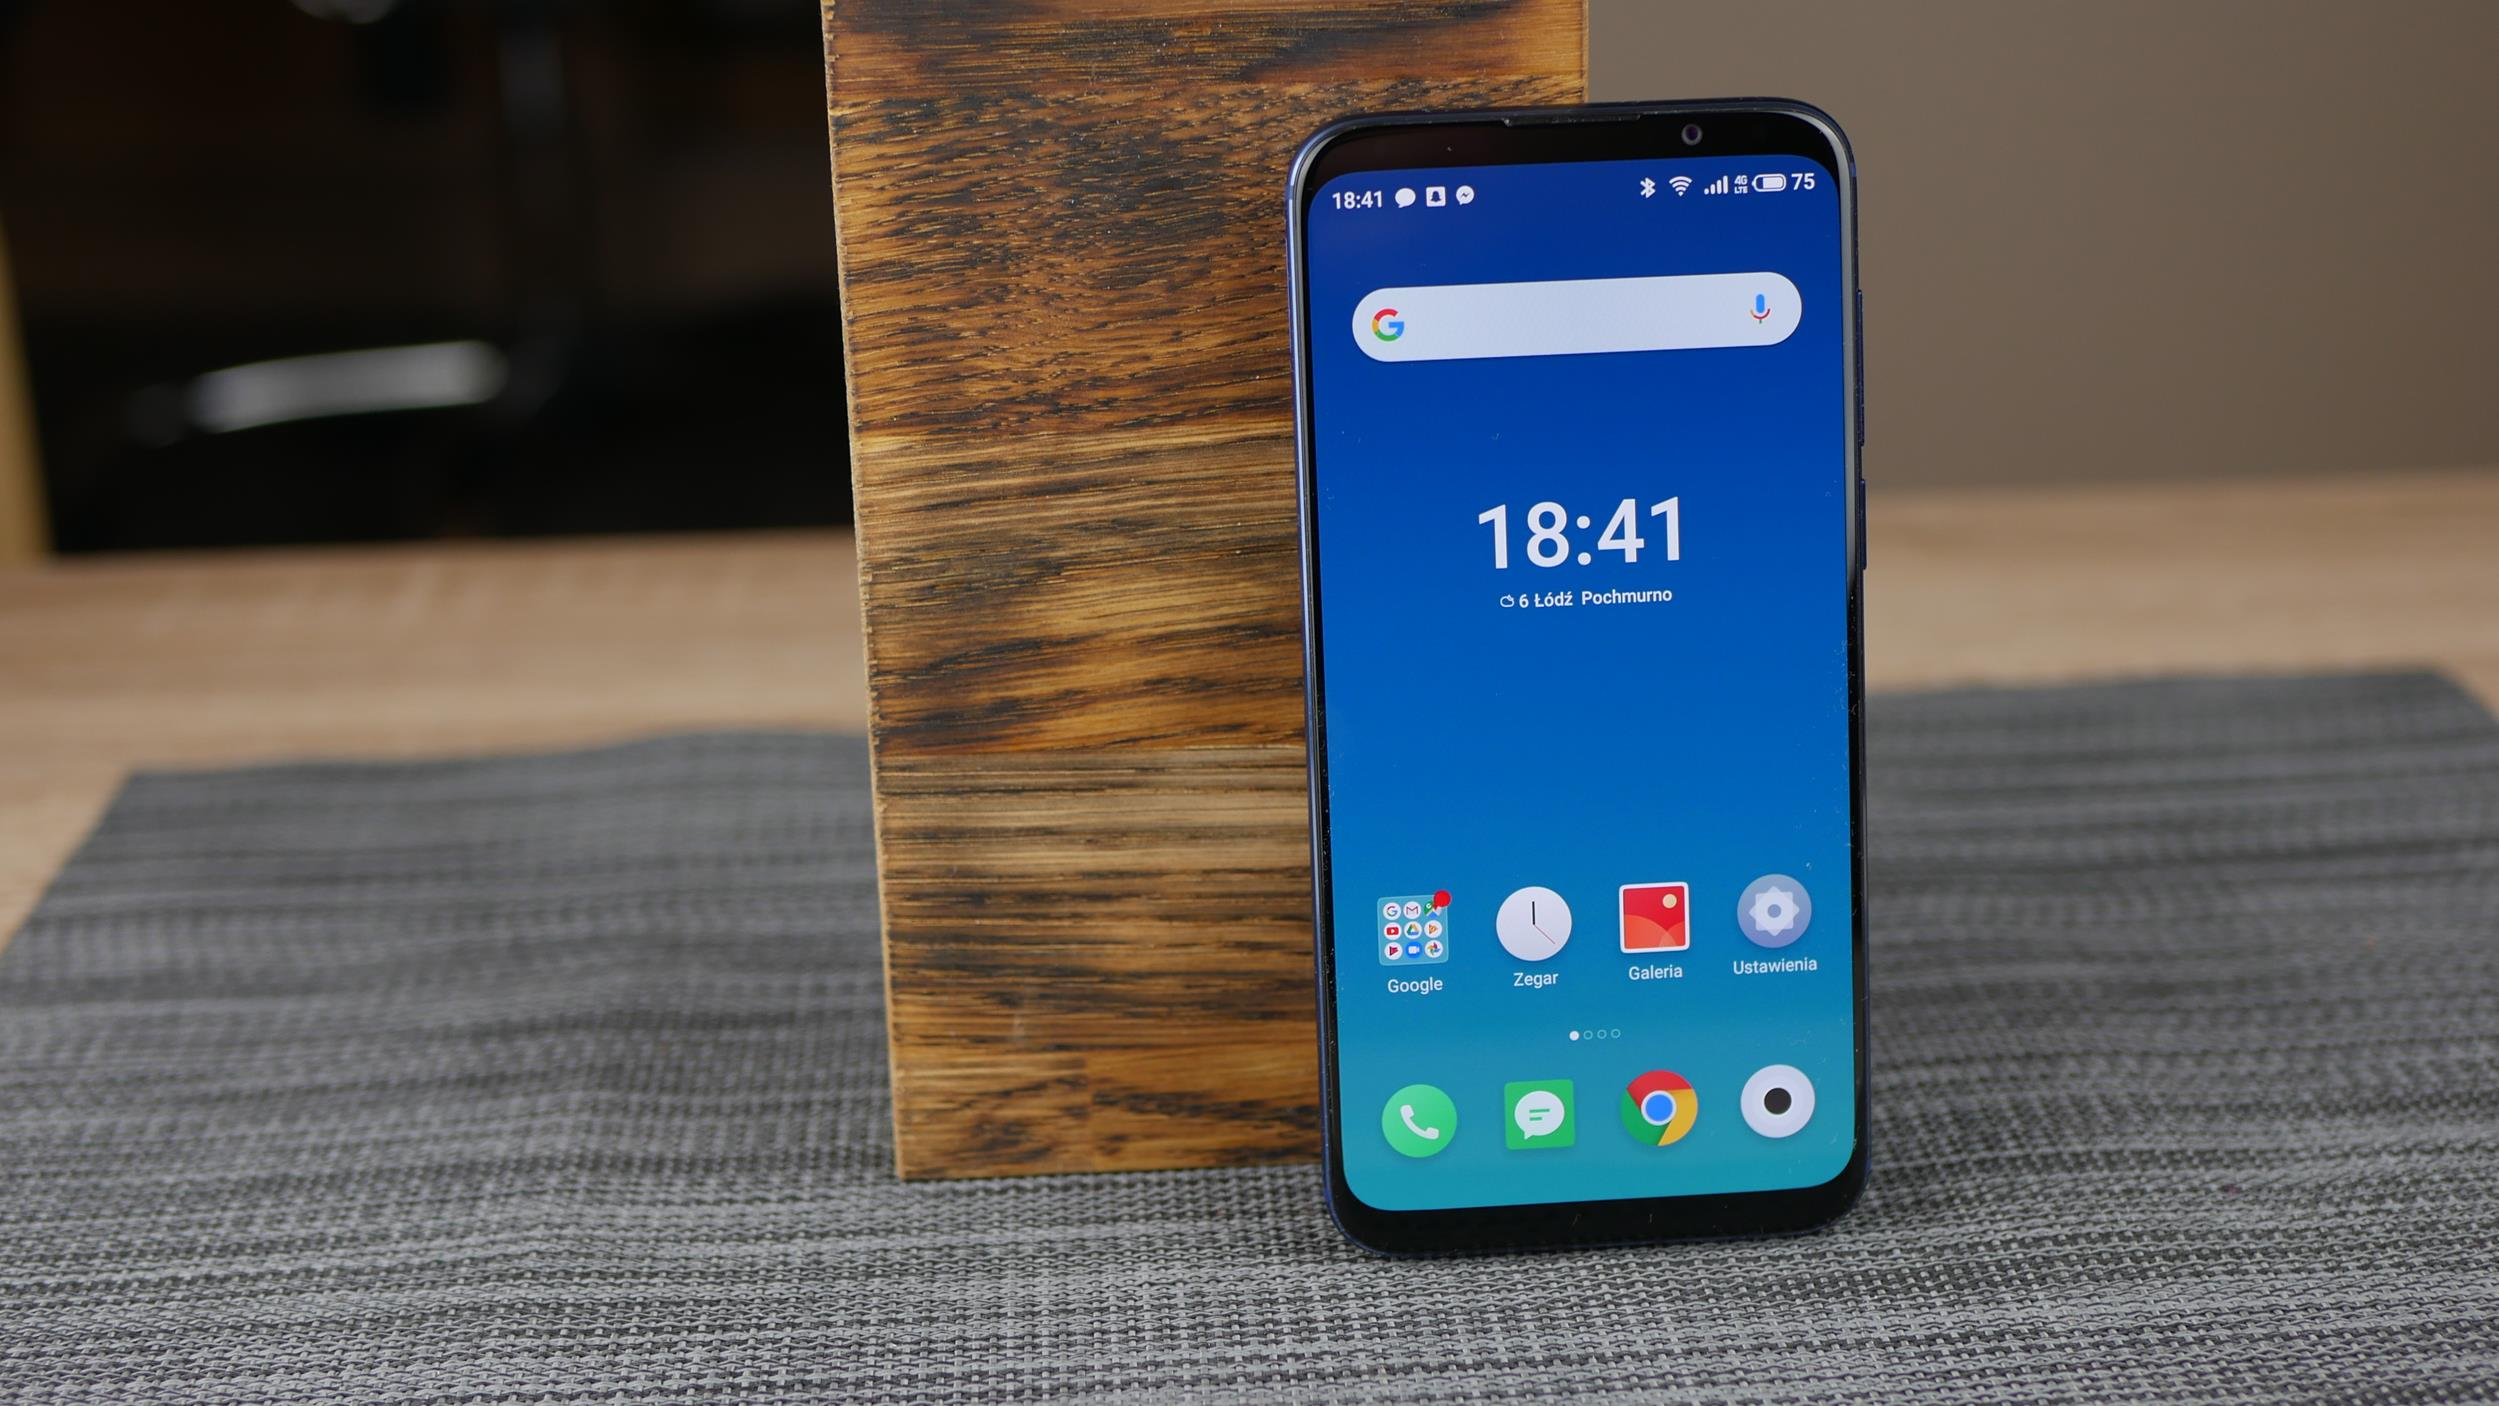 Recenzja Meizu 16 - smartfona, w którym poważnych wad jest zbyt wiele... 93